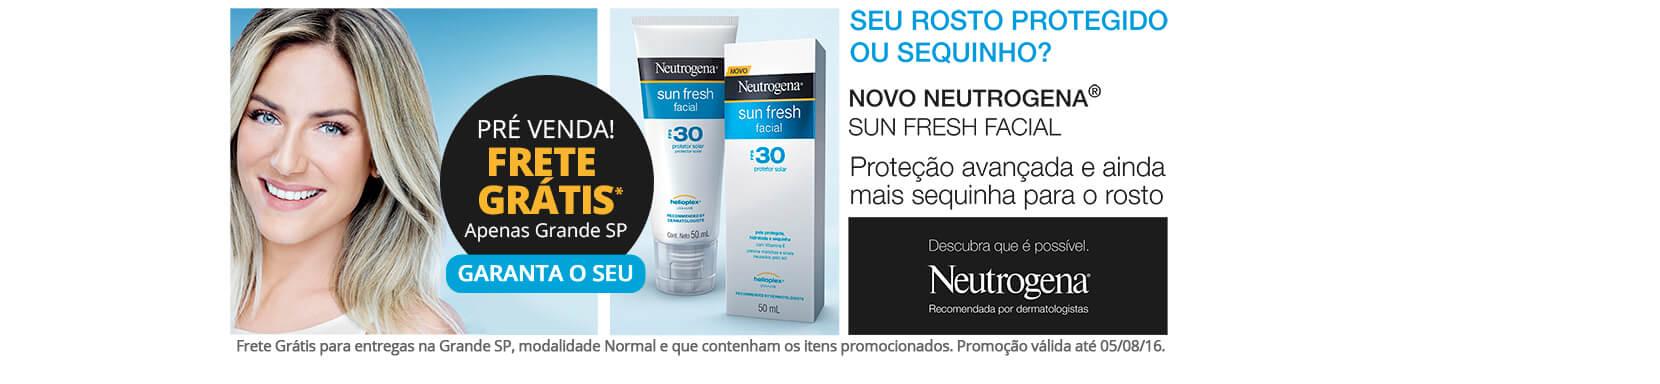 lancamento-protetor-solar-neutrogena-facial-frete-gratis